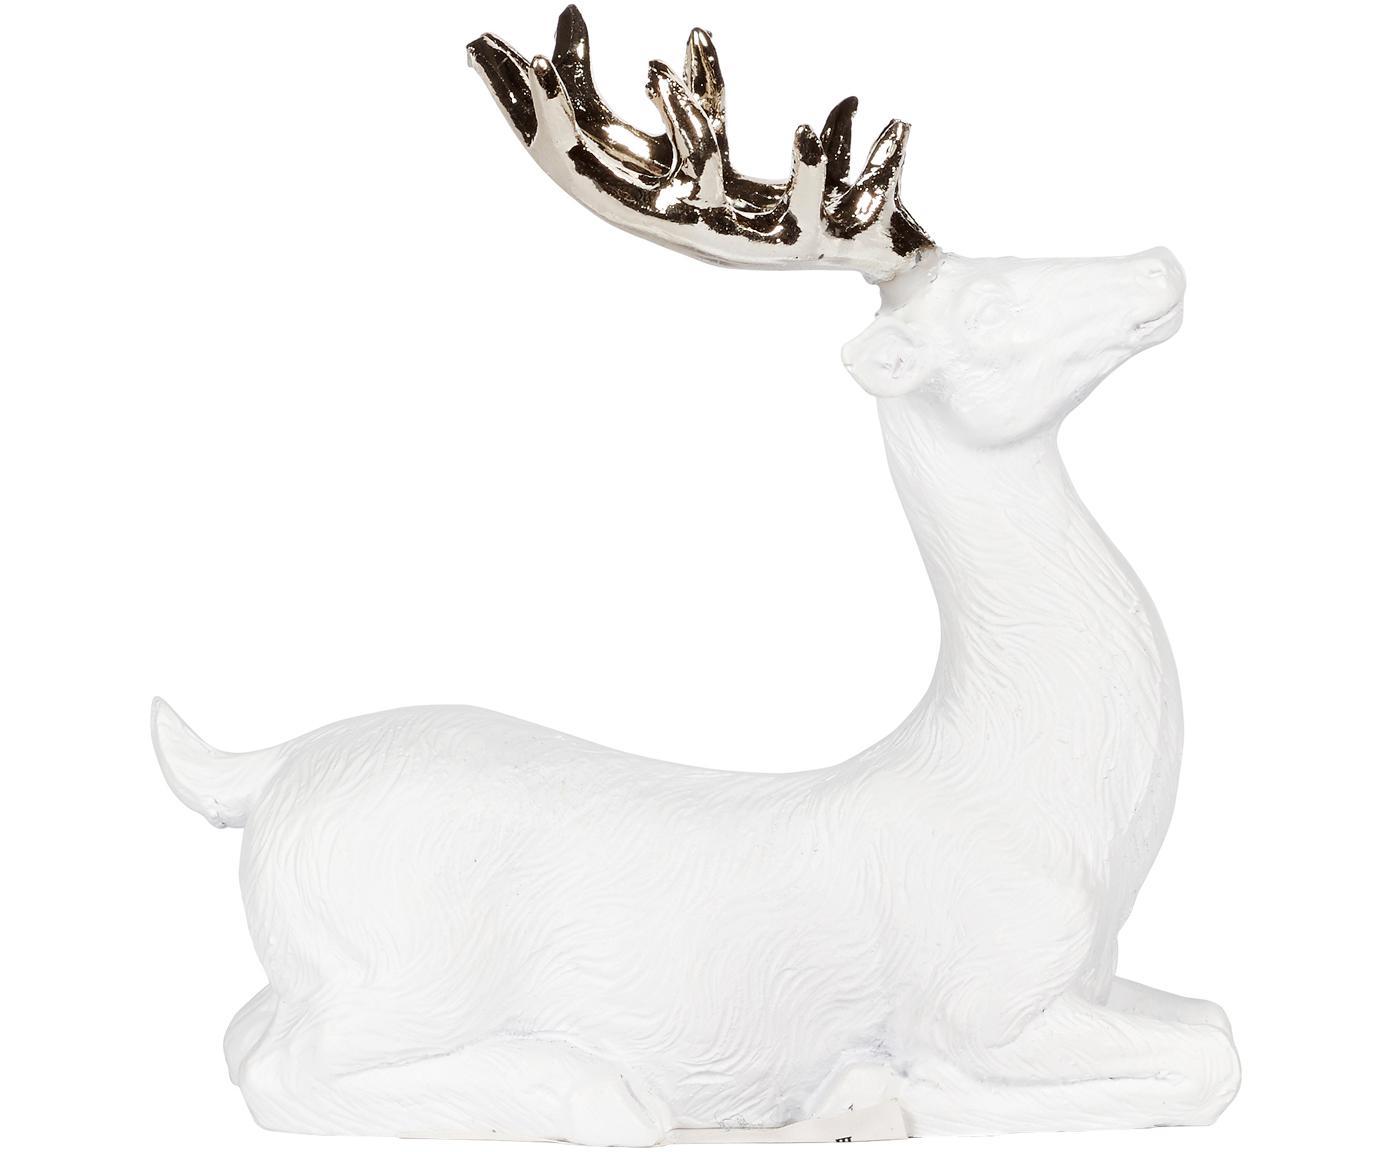 Oggetto decorativo fatto a mano Deer, Poliresina, Bianco, dorato, Larg. 9 x Alt. 9 cm